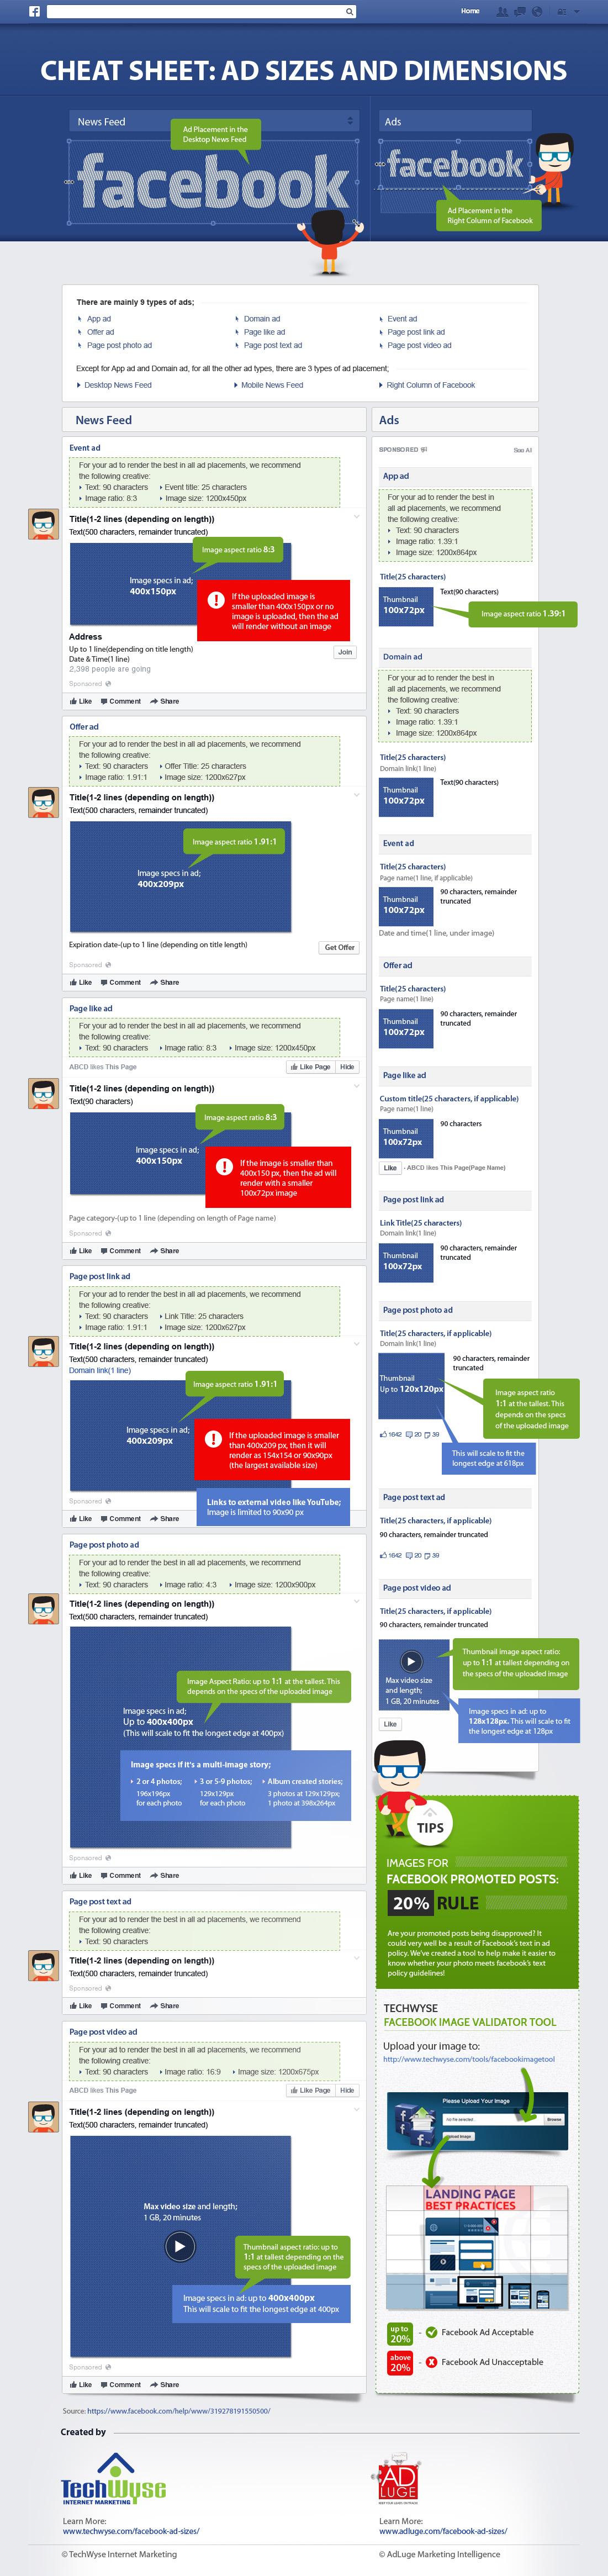 Social Media Branding - Facebook Ads